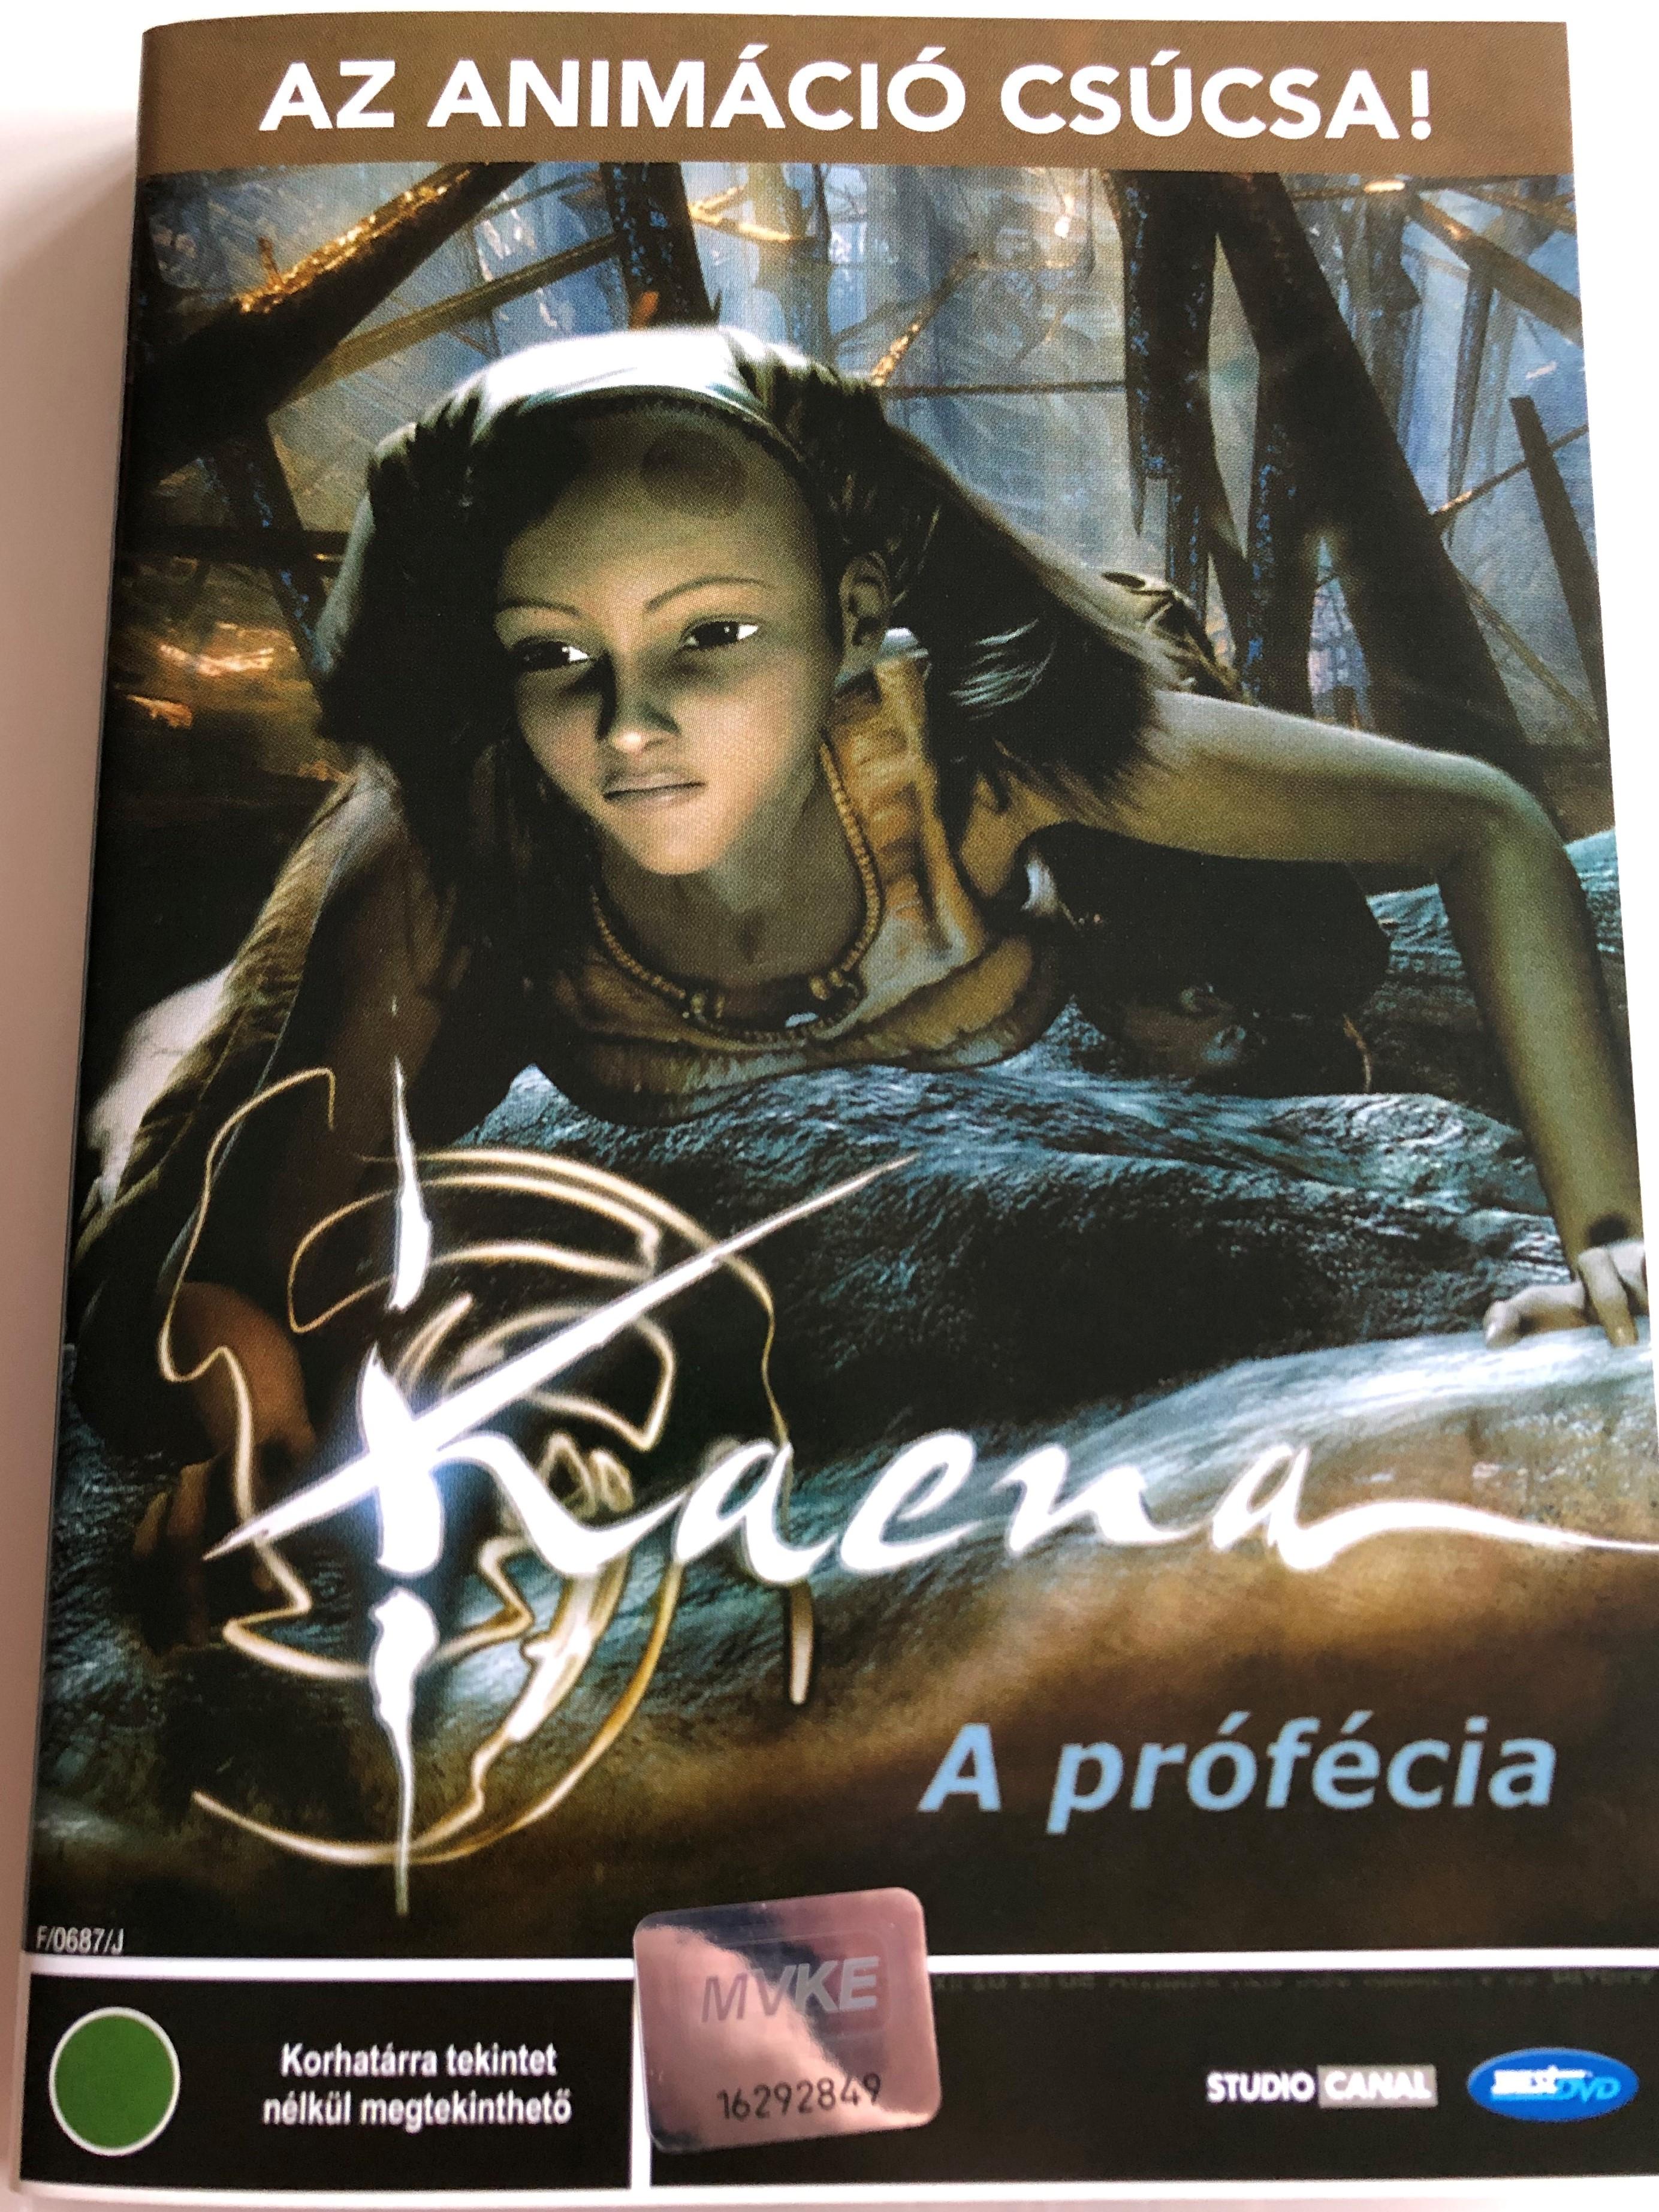 kaena-la-proph-tie-dvd-2003-kaena-a-pr-f-cia-kaena-the-prophecy-directed-by-chris-delaporte-1.jpg